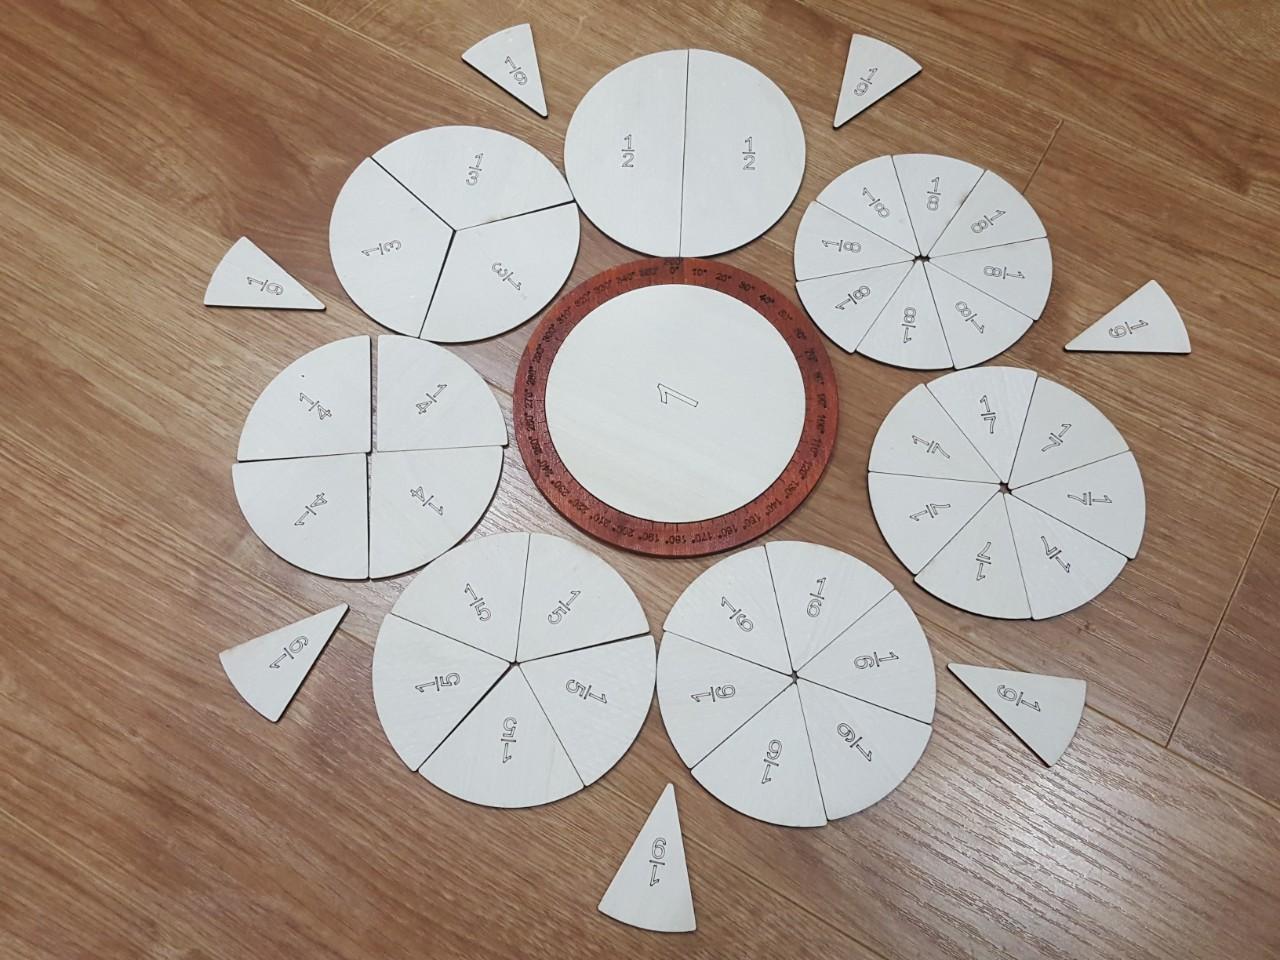 Đồ chơi bằng gỗ vòng tròn phân số, giúp con học toán